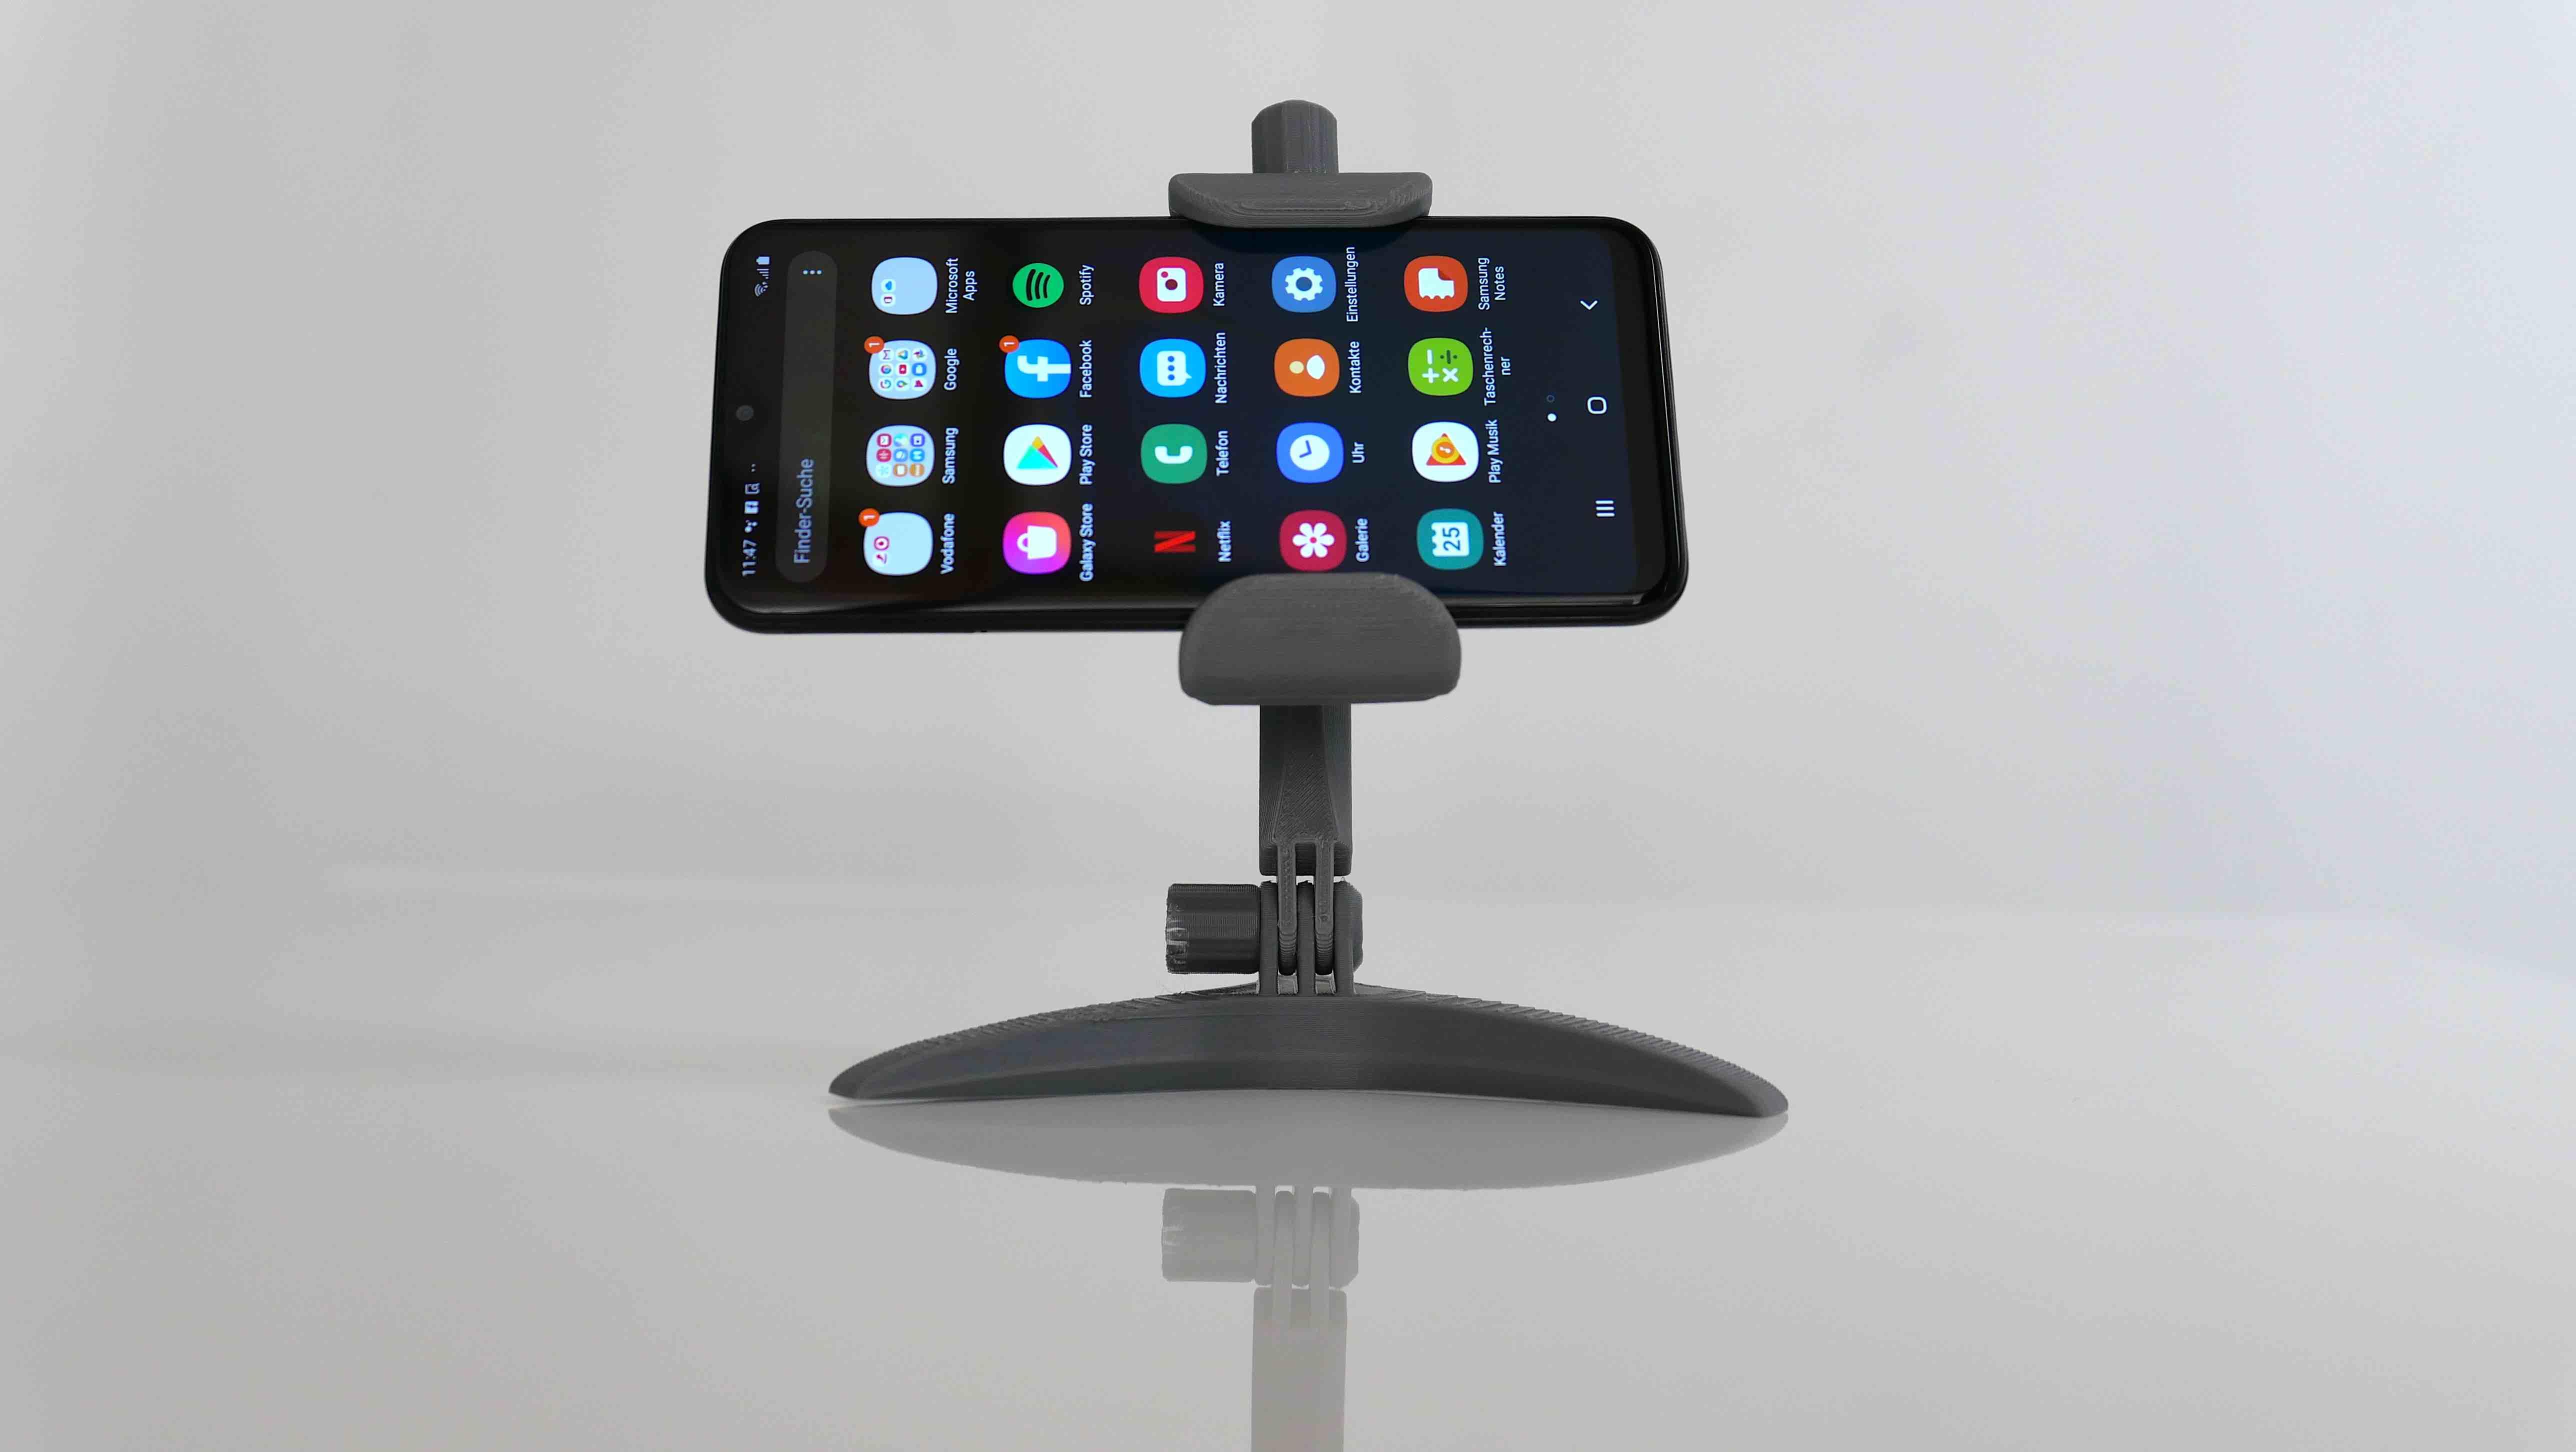 Ansicht von vorn mit Telefon und Apps